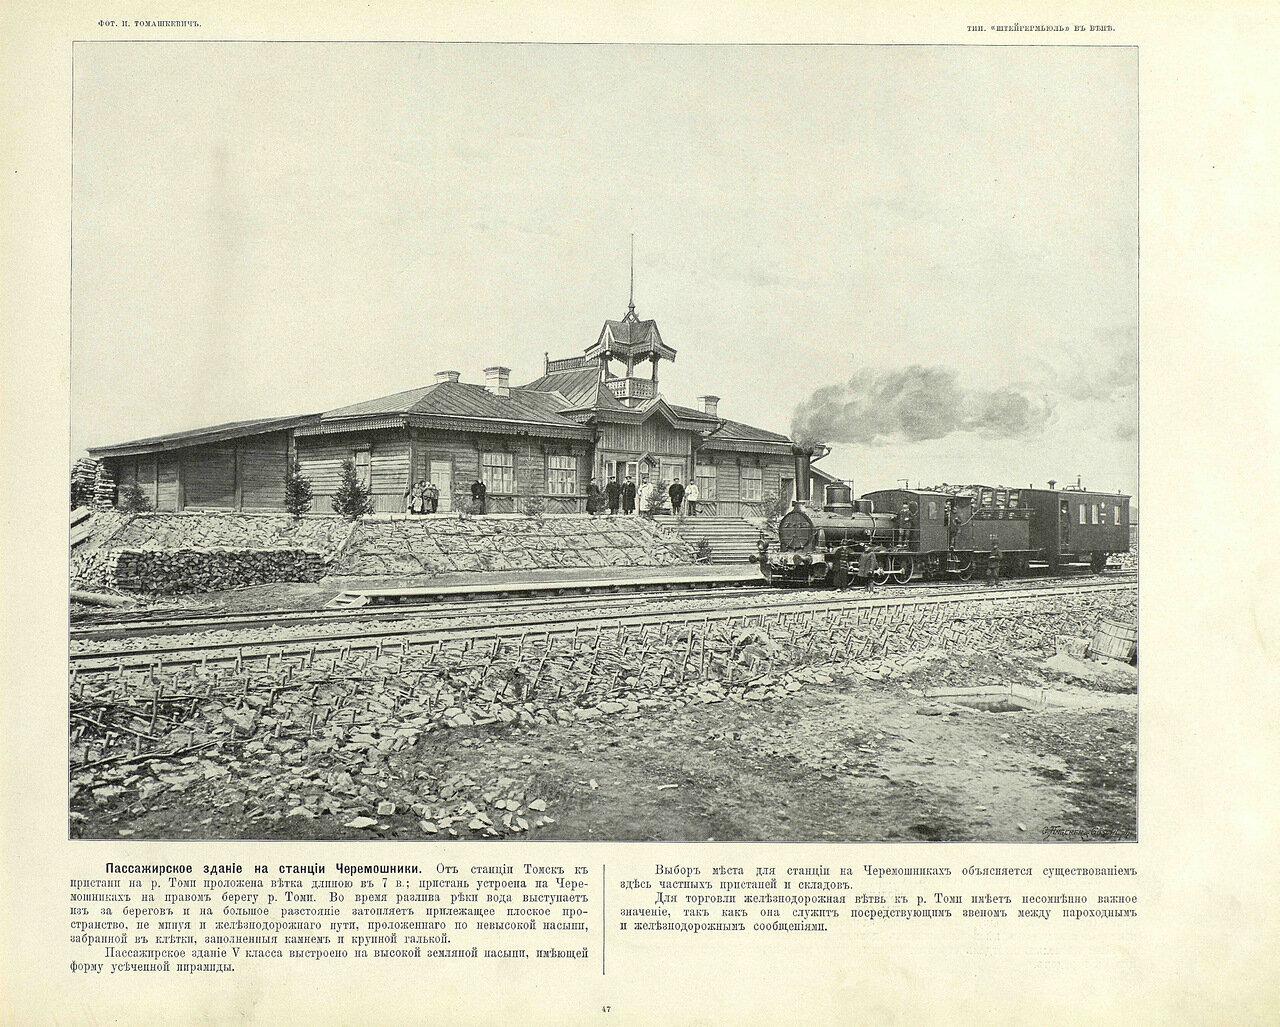 47. Пассажирское здание на станции Черемошники